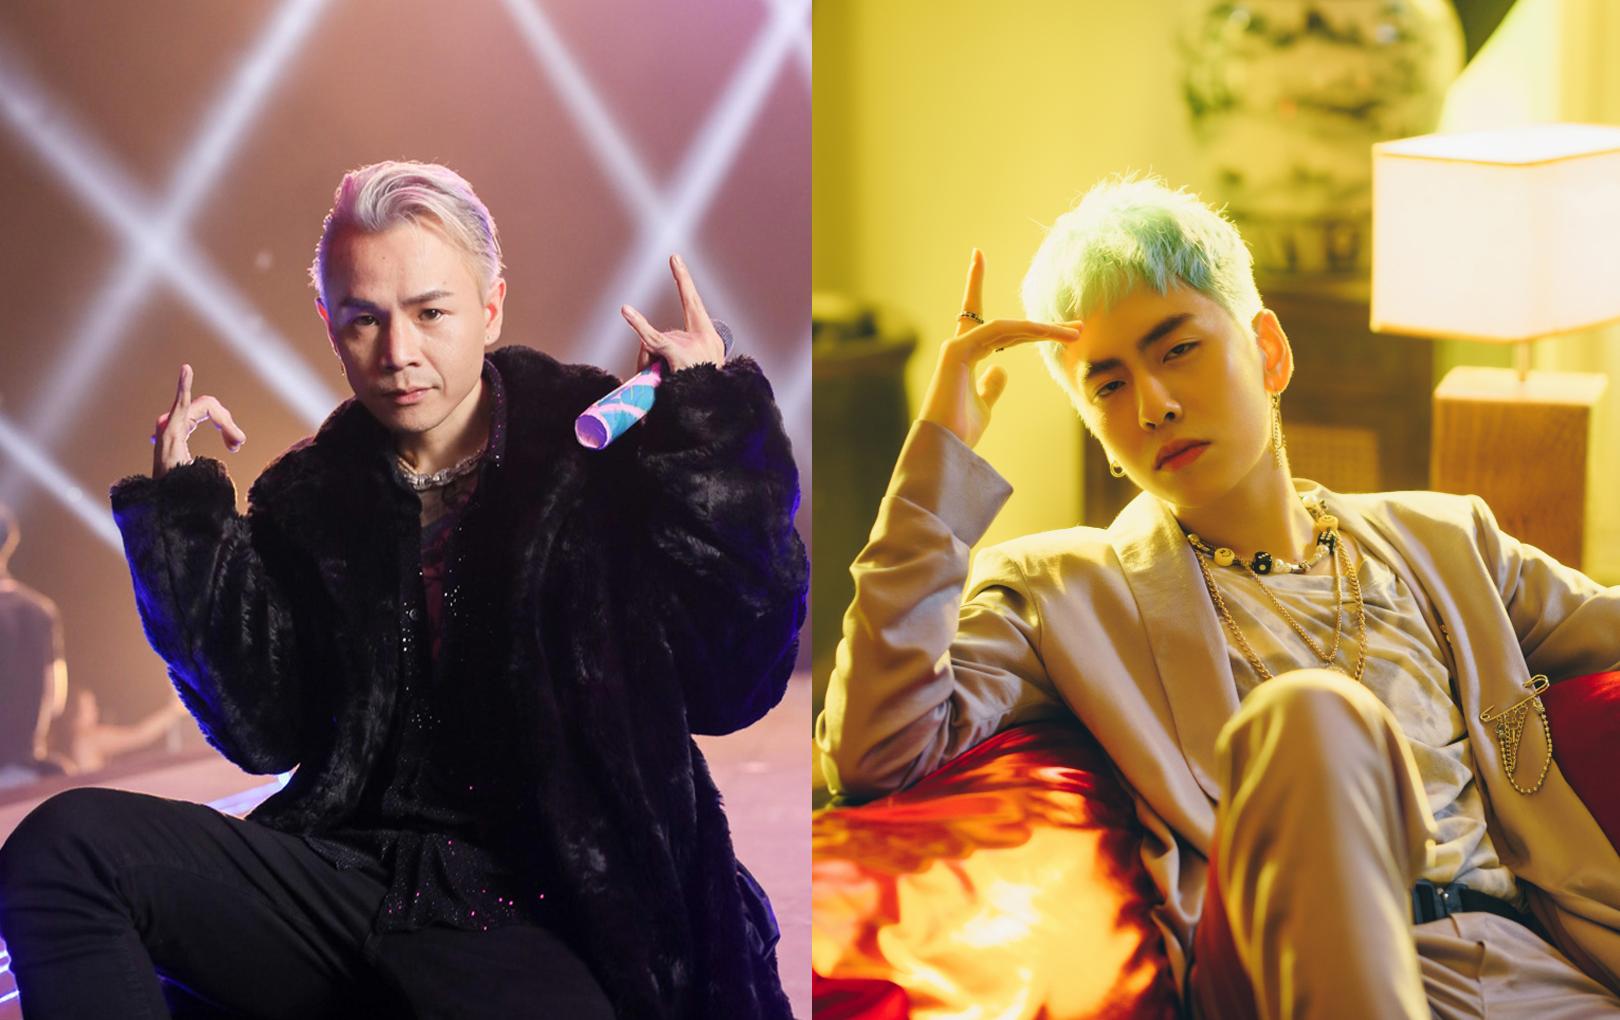 Osad hé lộ tin nhắn của Binz hậu mâu thuẫn, netizen ấm lòng trước cách hành xử nghĩa hiệp của hai rapper